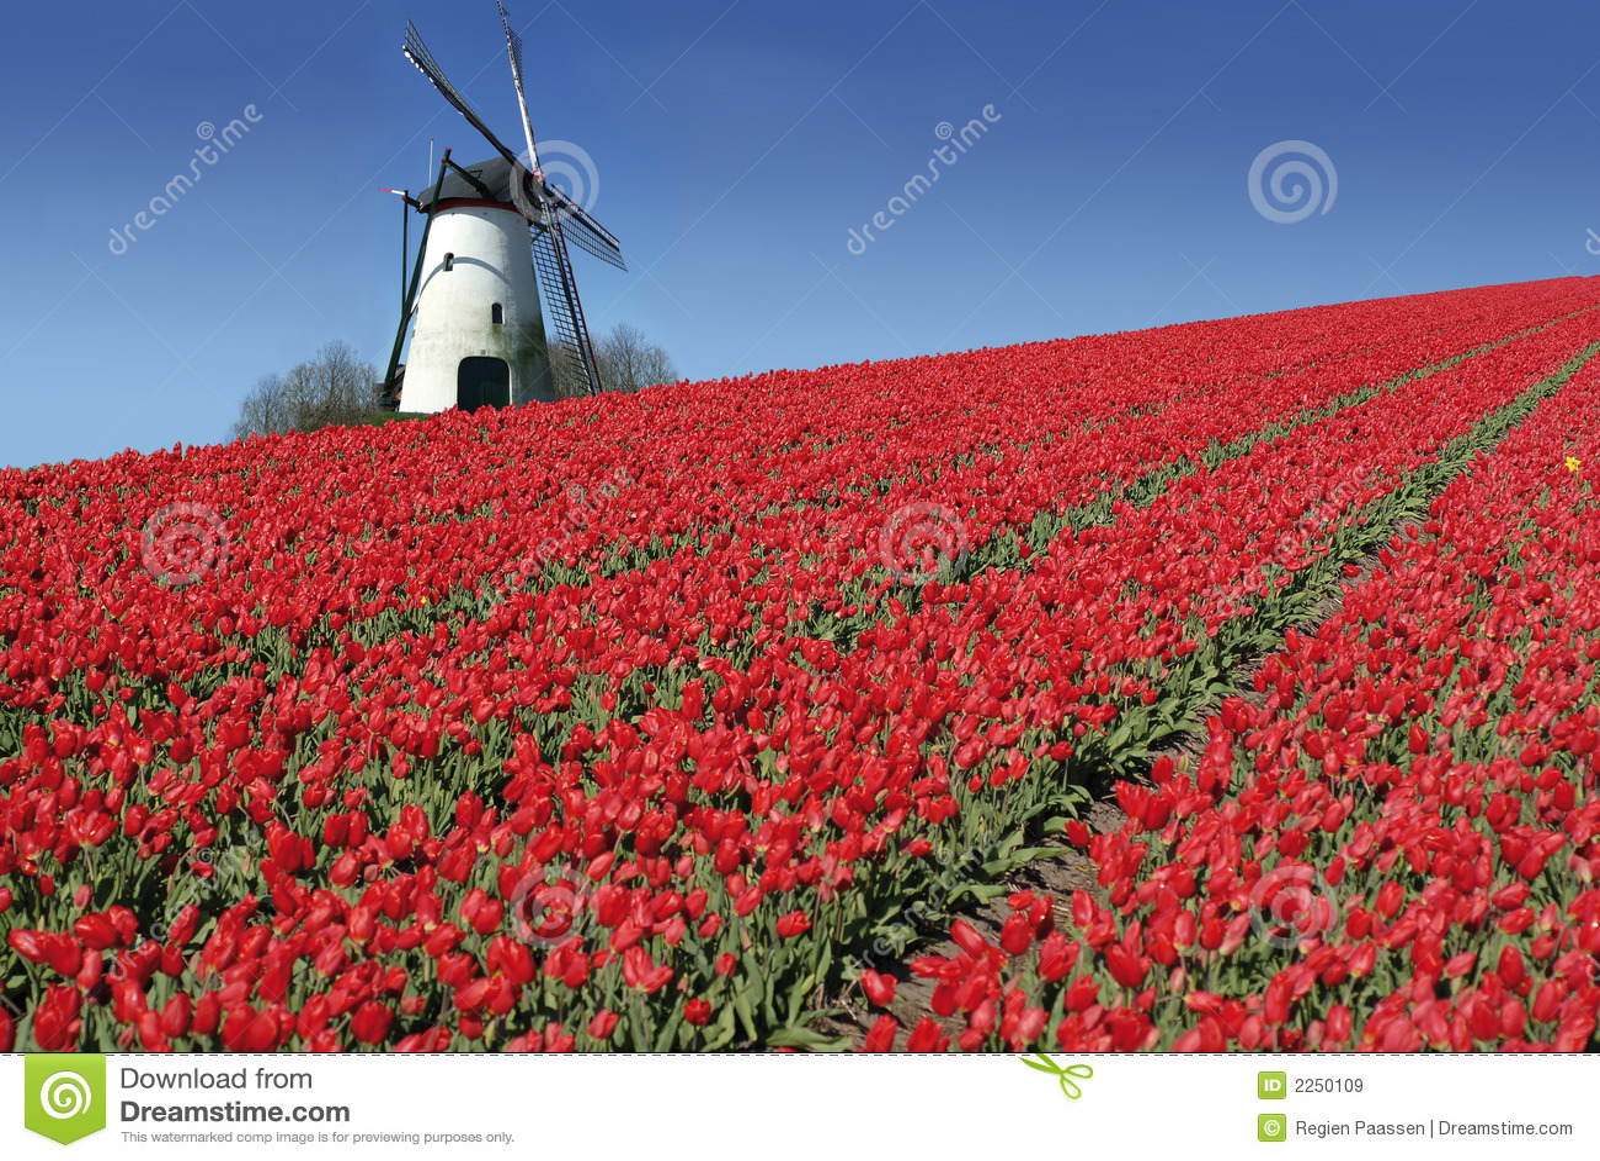 荷兰语磨房红色郁金香